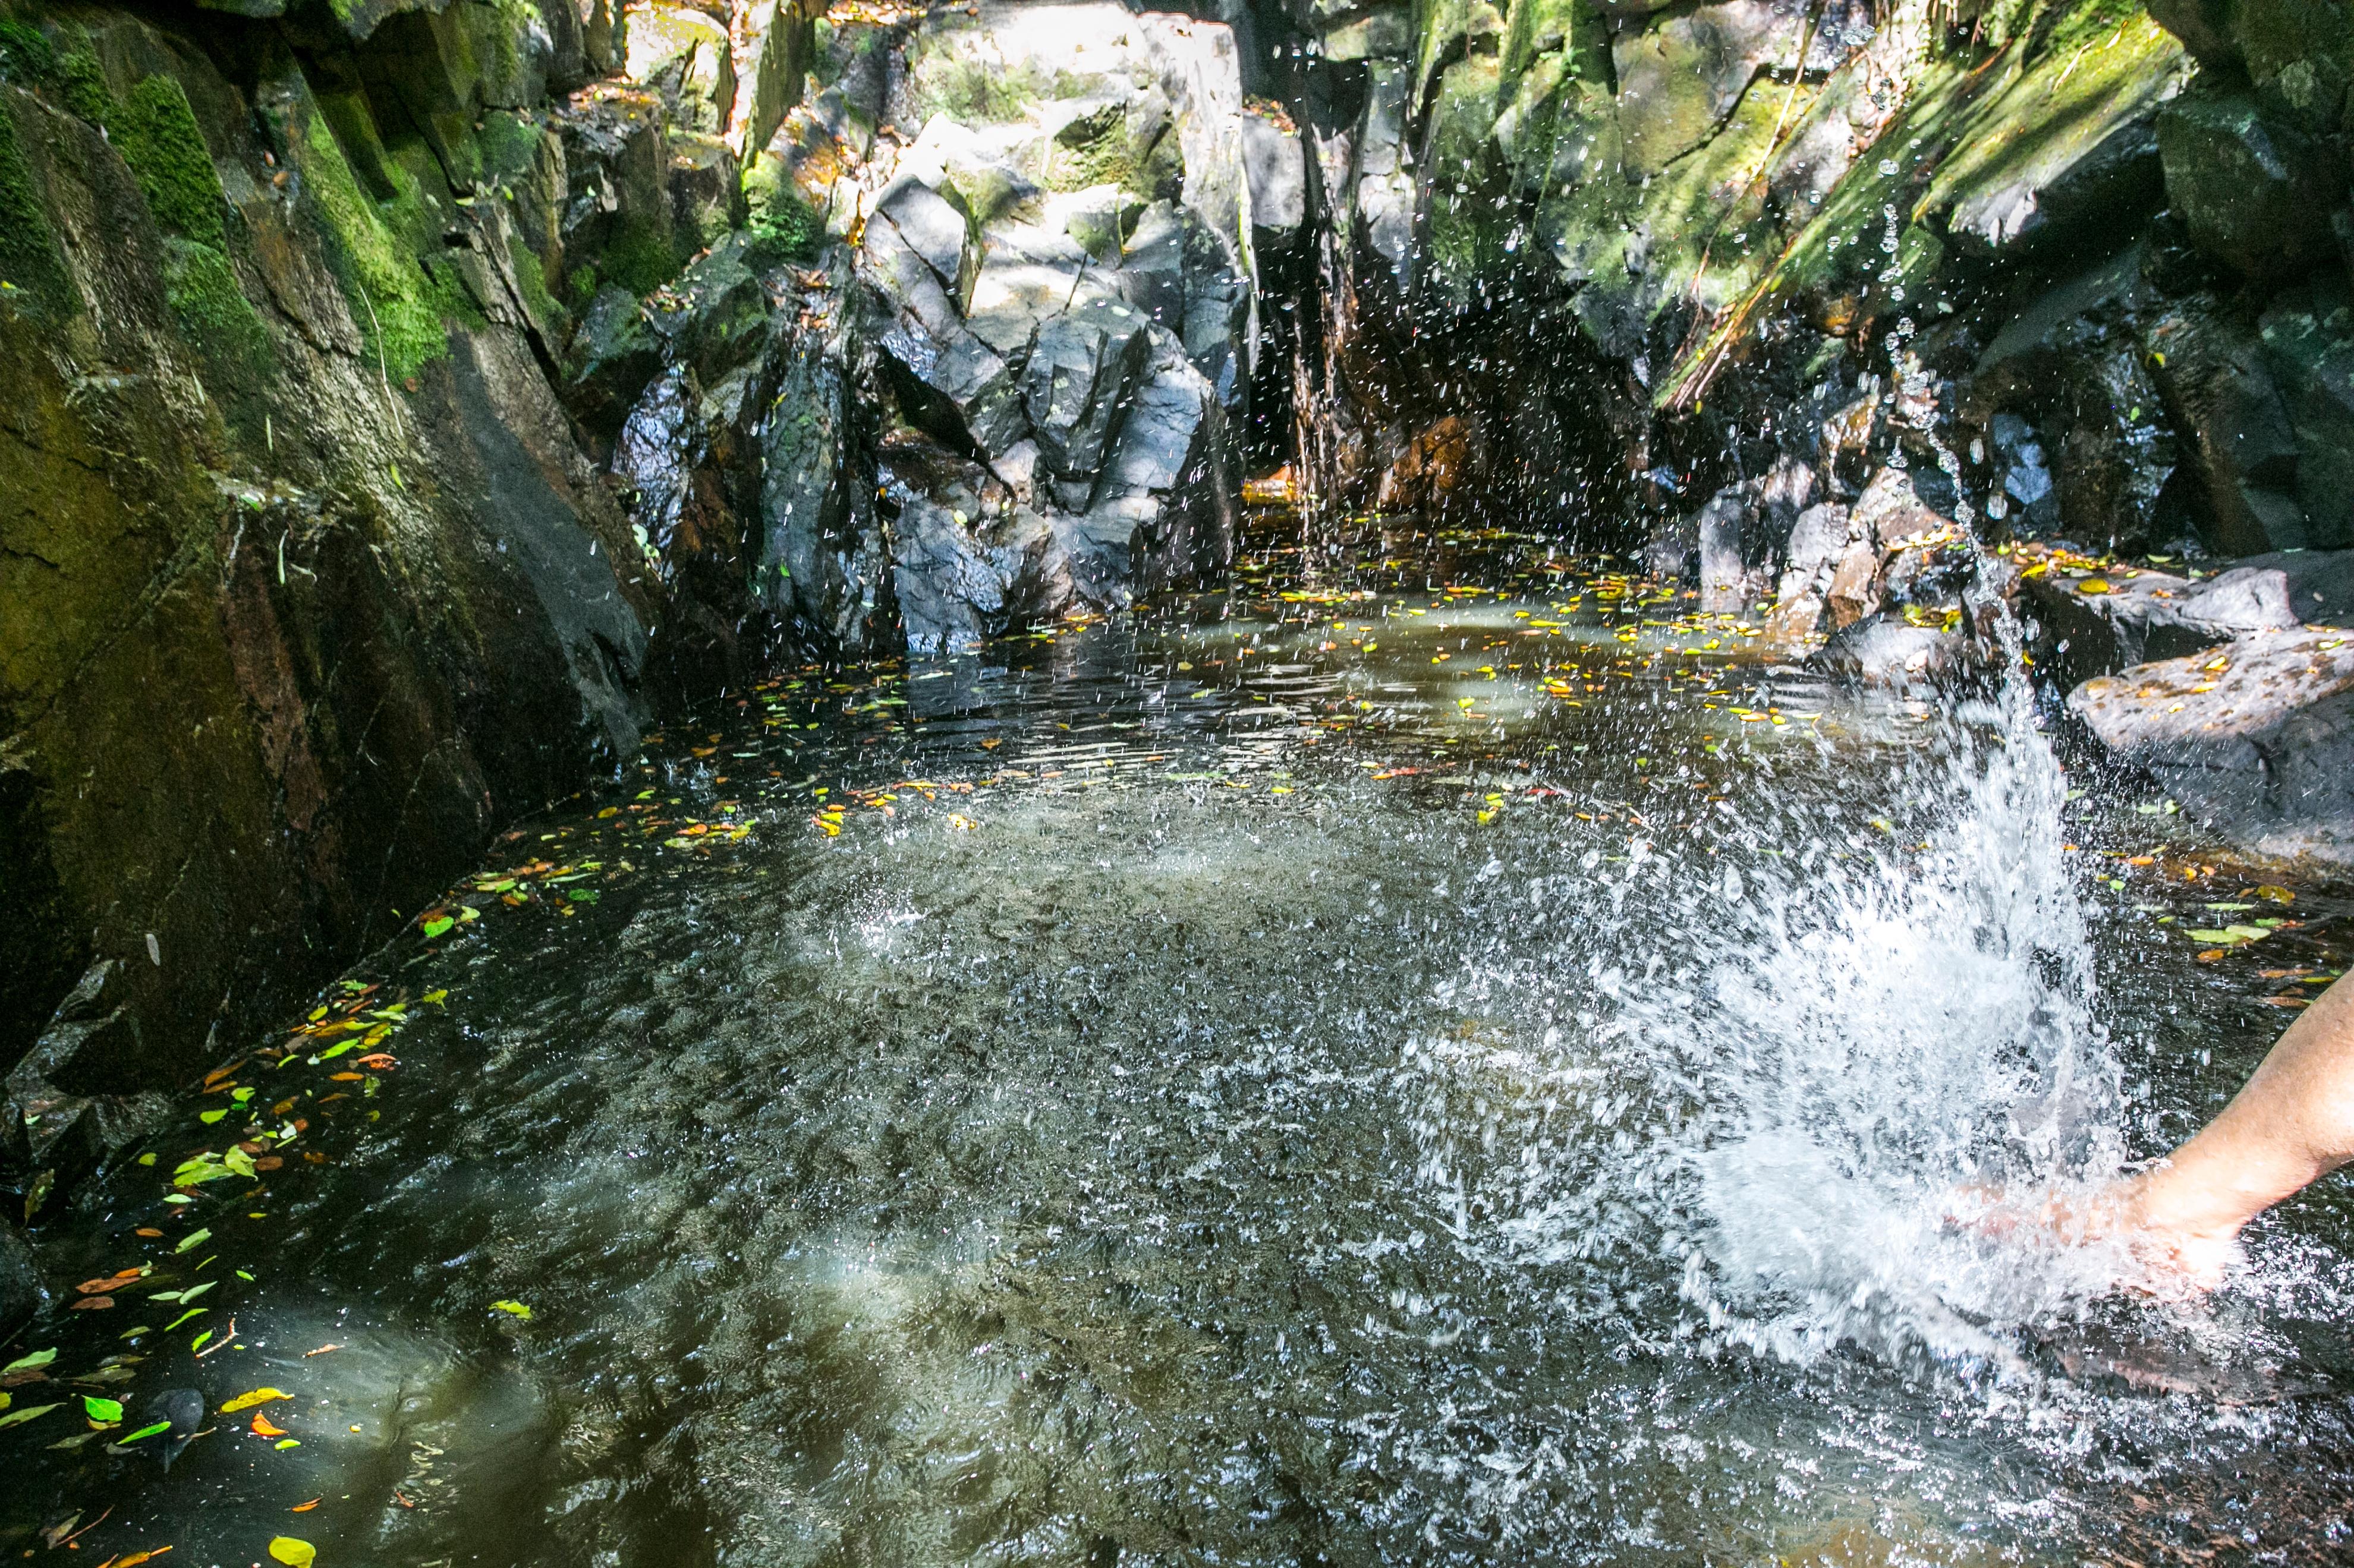 Tomar banho em rios e cachoeiras merece cuidados - Daniel Queiroz/ND